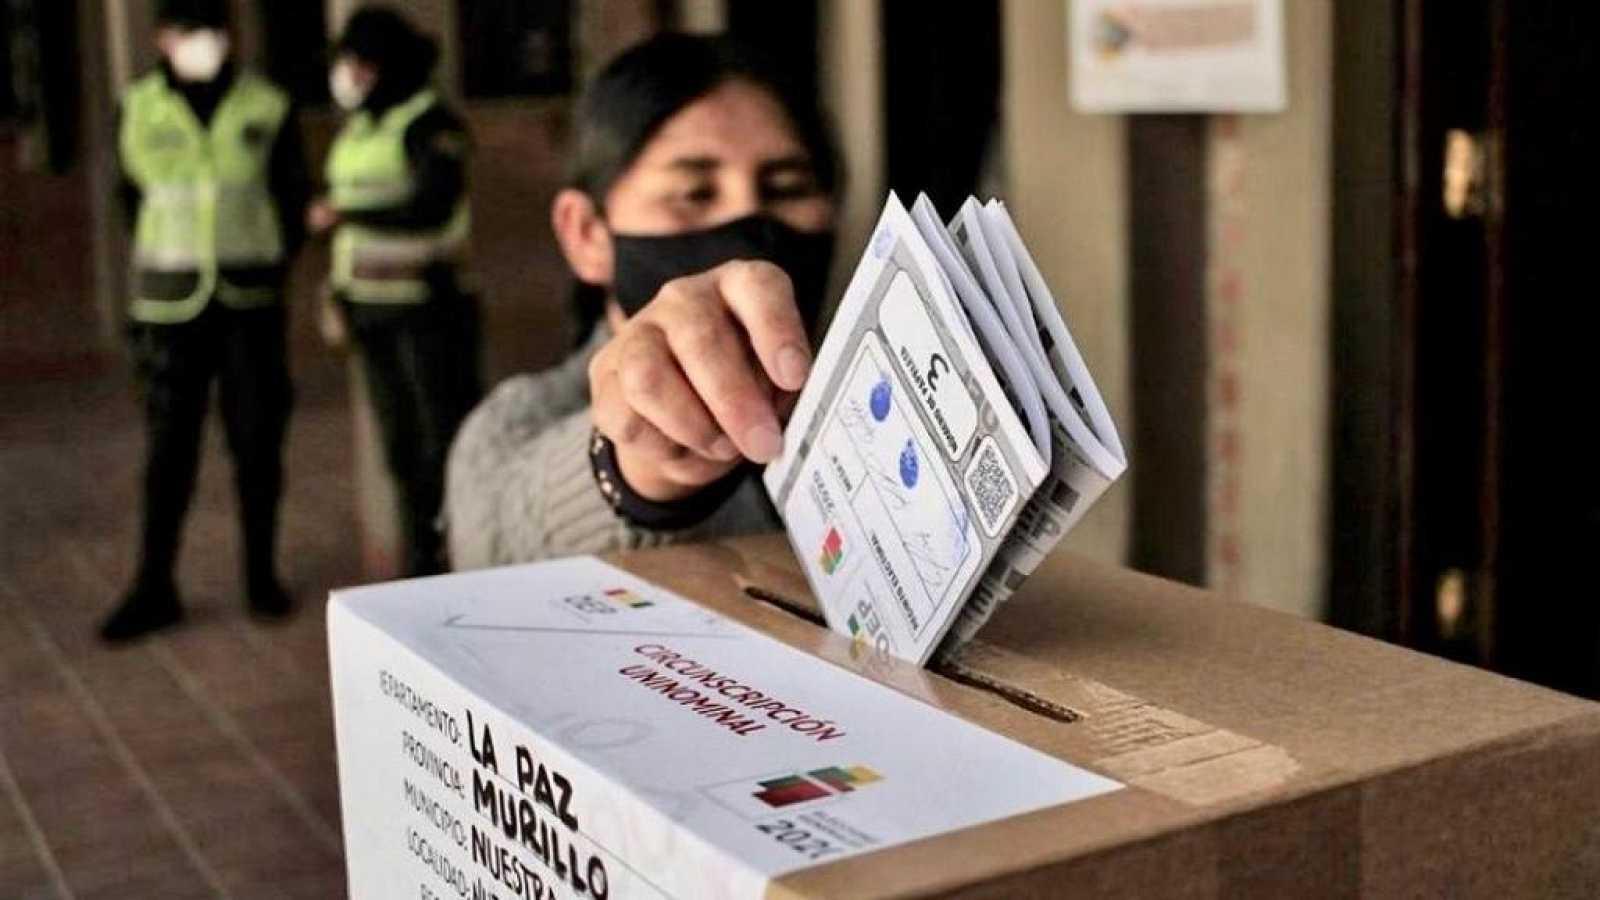 No es un día cualquiera - Bolivia y Chile - Eduardo Saldaña - 'El orden mundial' - 25/10/2020 - Escuchar ahora